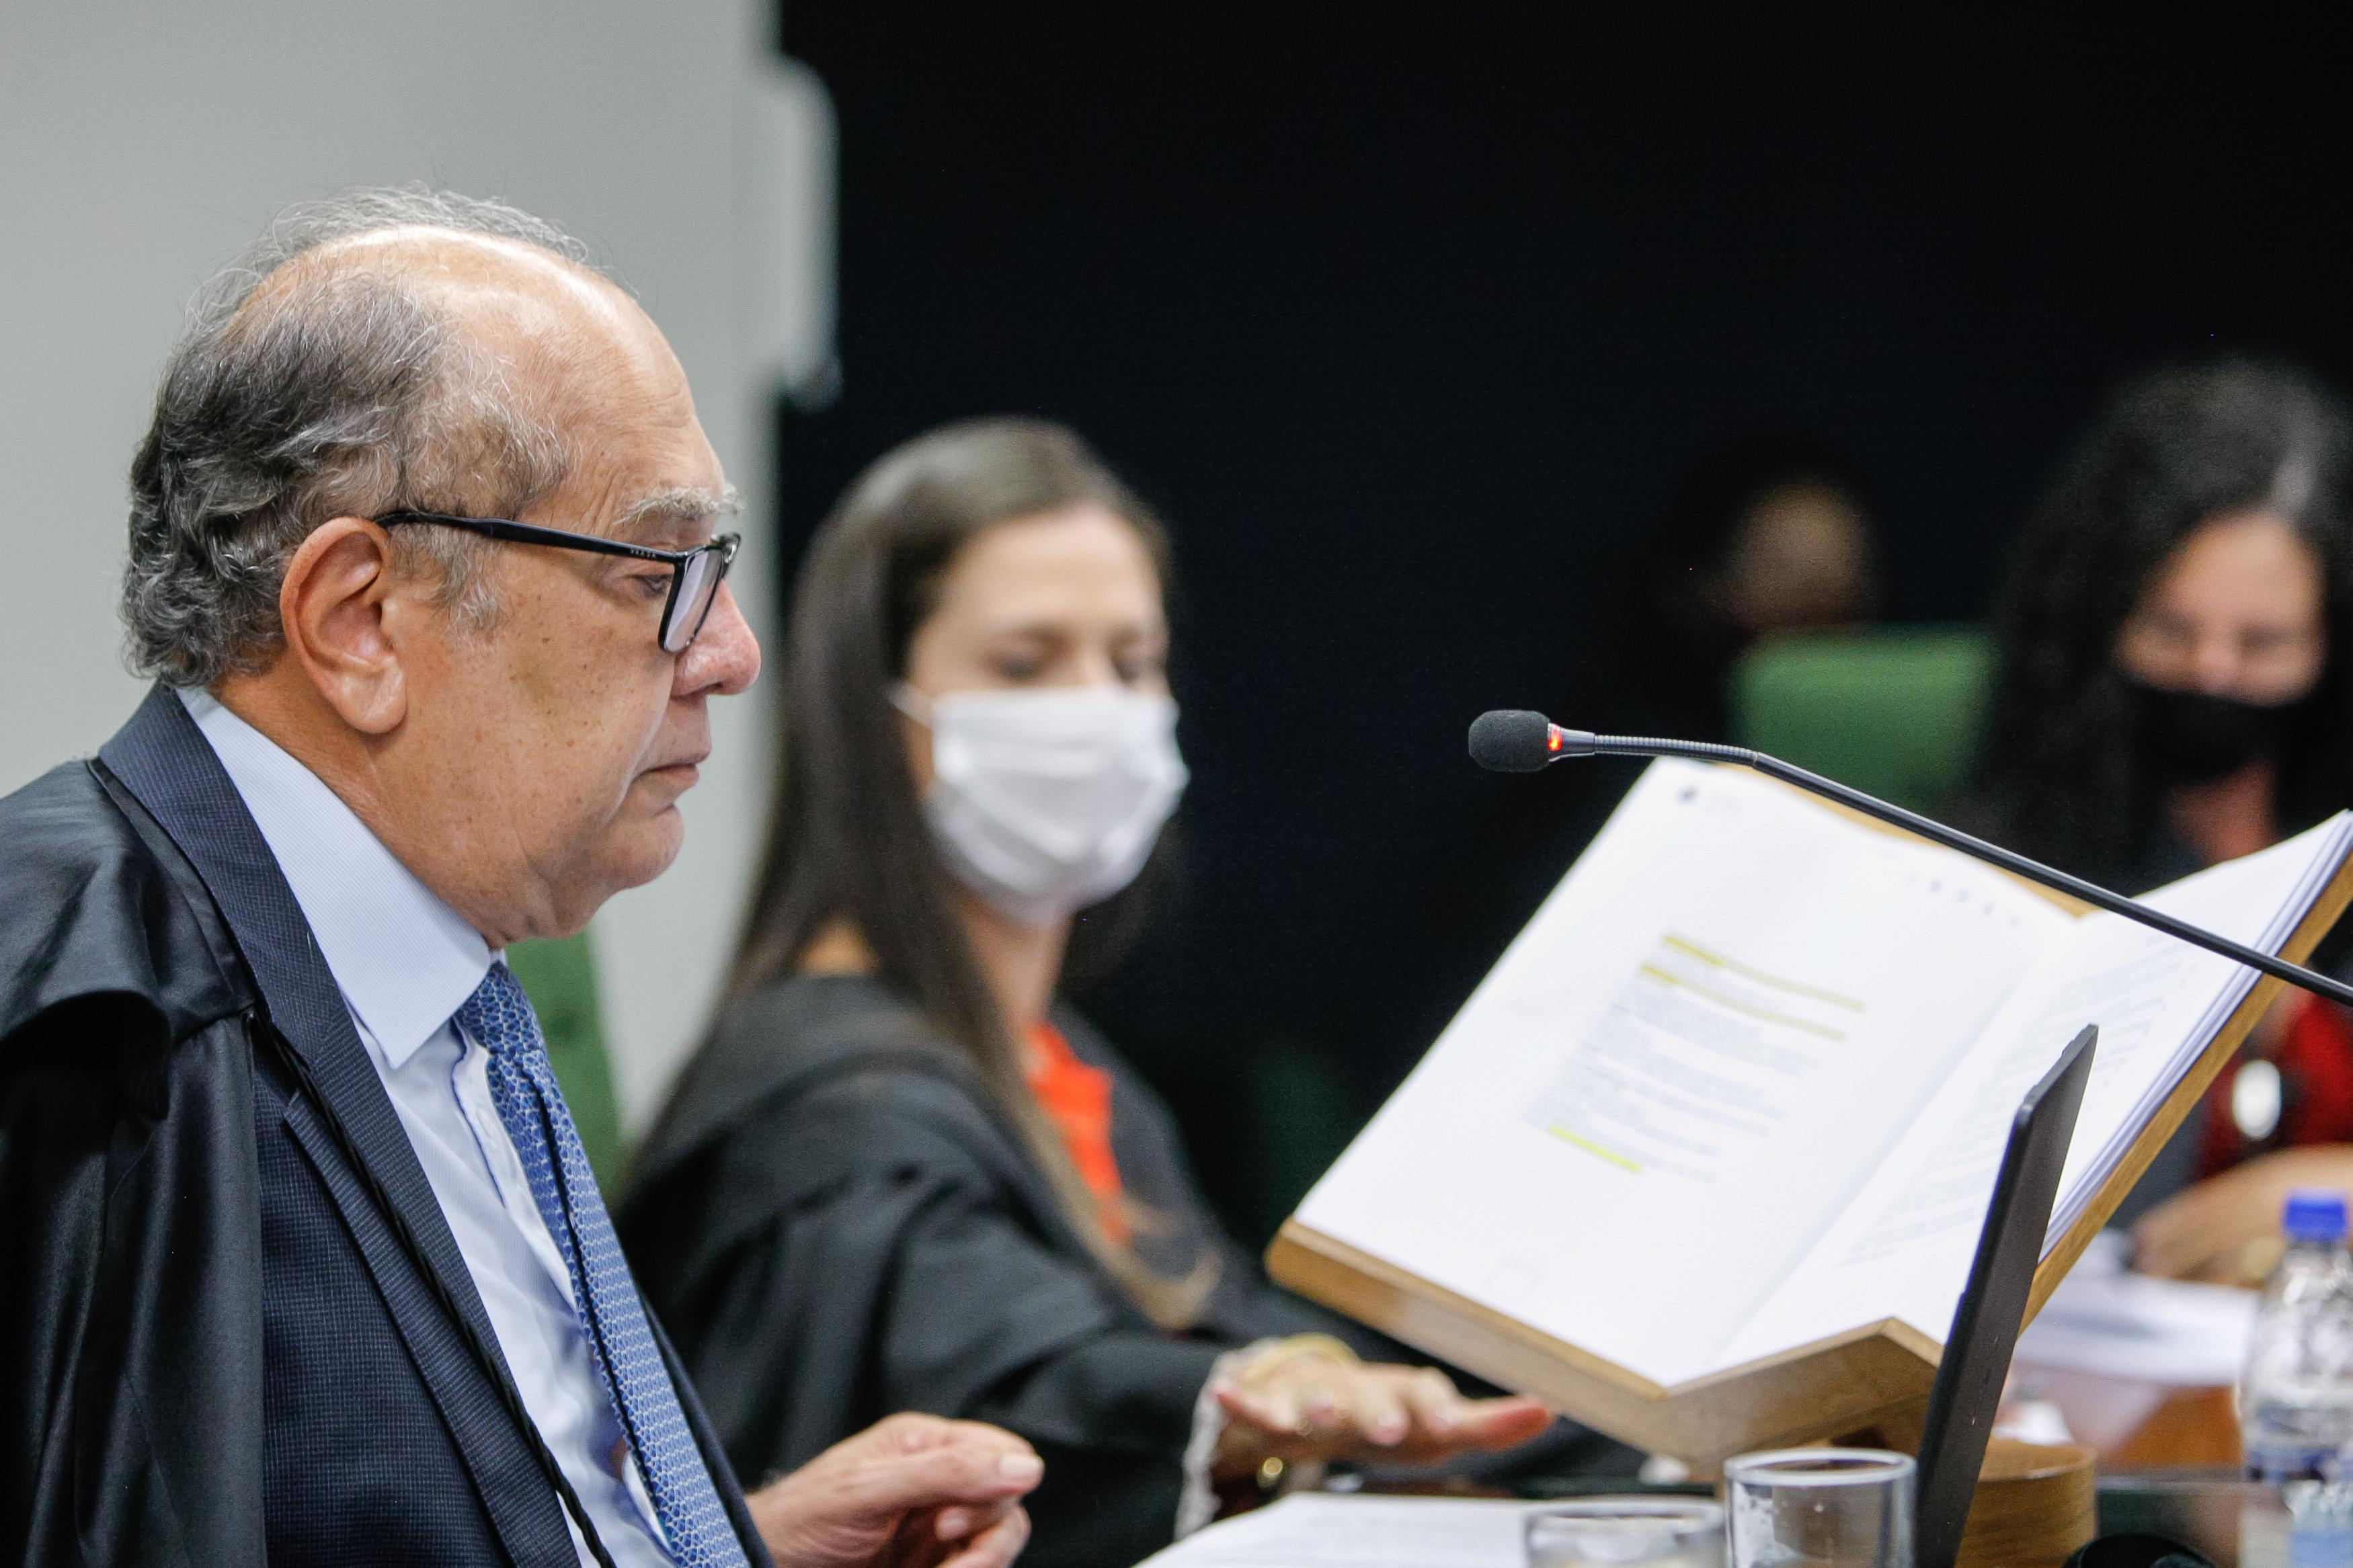 IMAGEM: Segunda Turma pode anular hoje operação contra advogados de Lula e Bolsonaro